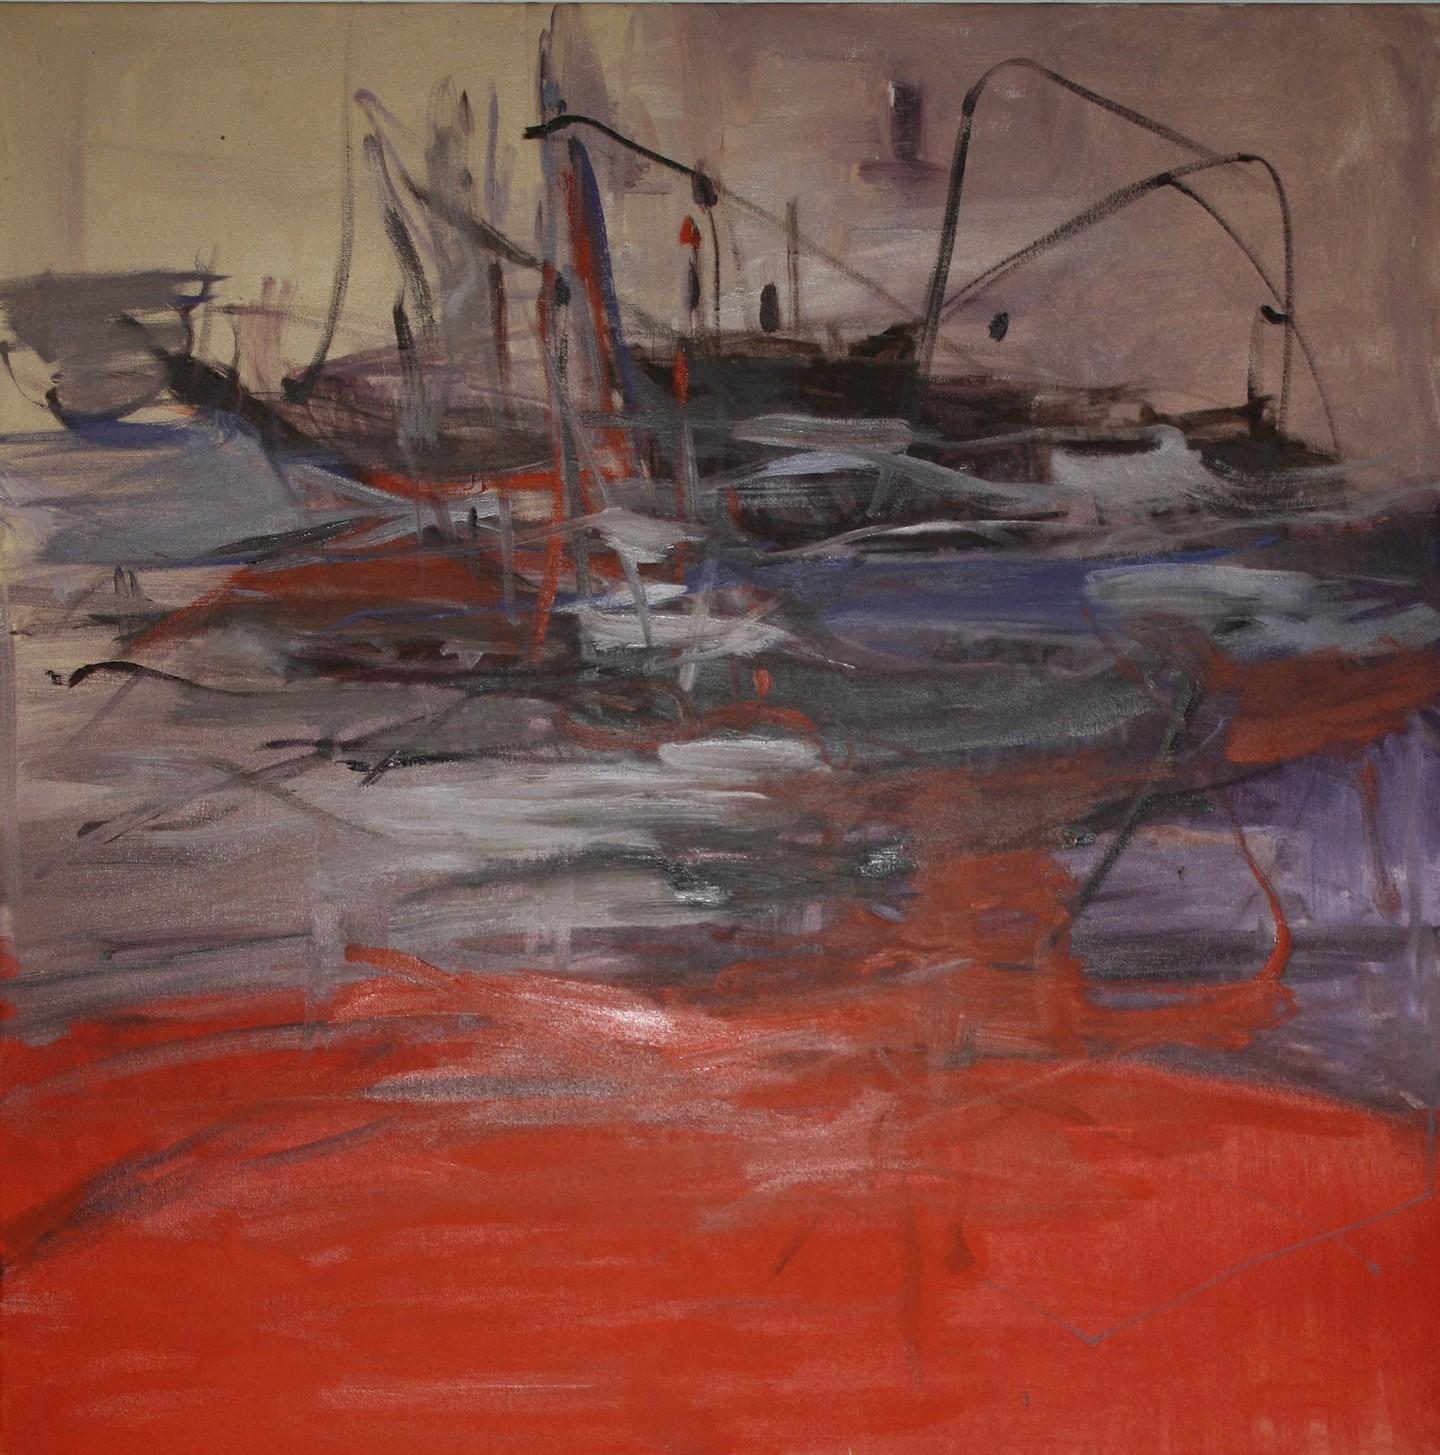 Painting_41_Elizabeth Diaz_Tumultuous Storm_36 x 40 inches_Oil on Canvas_2011.jpg